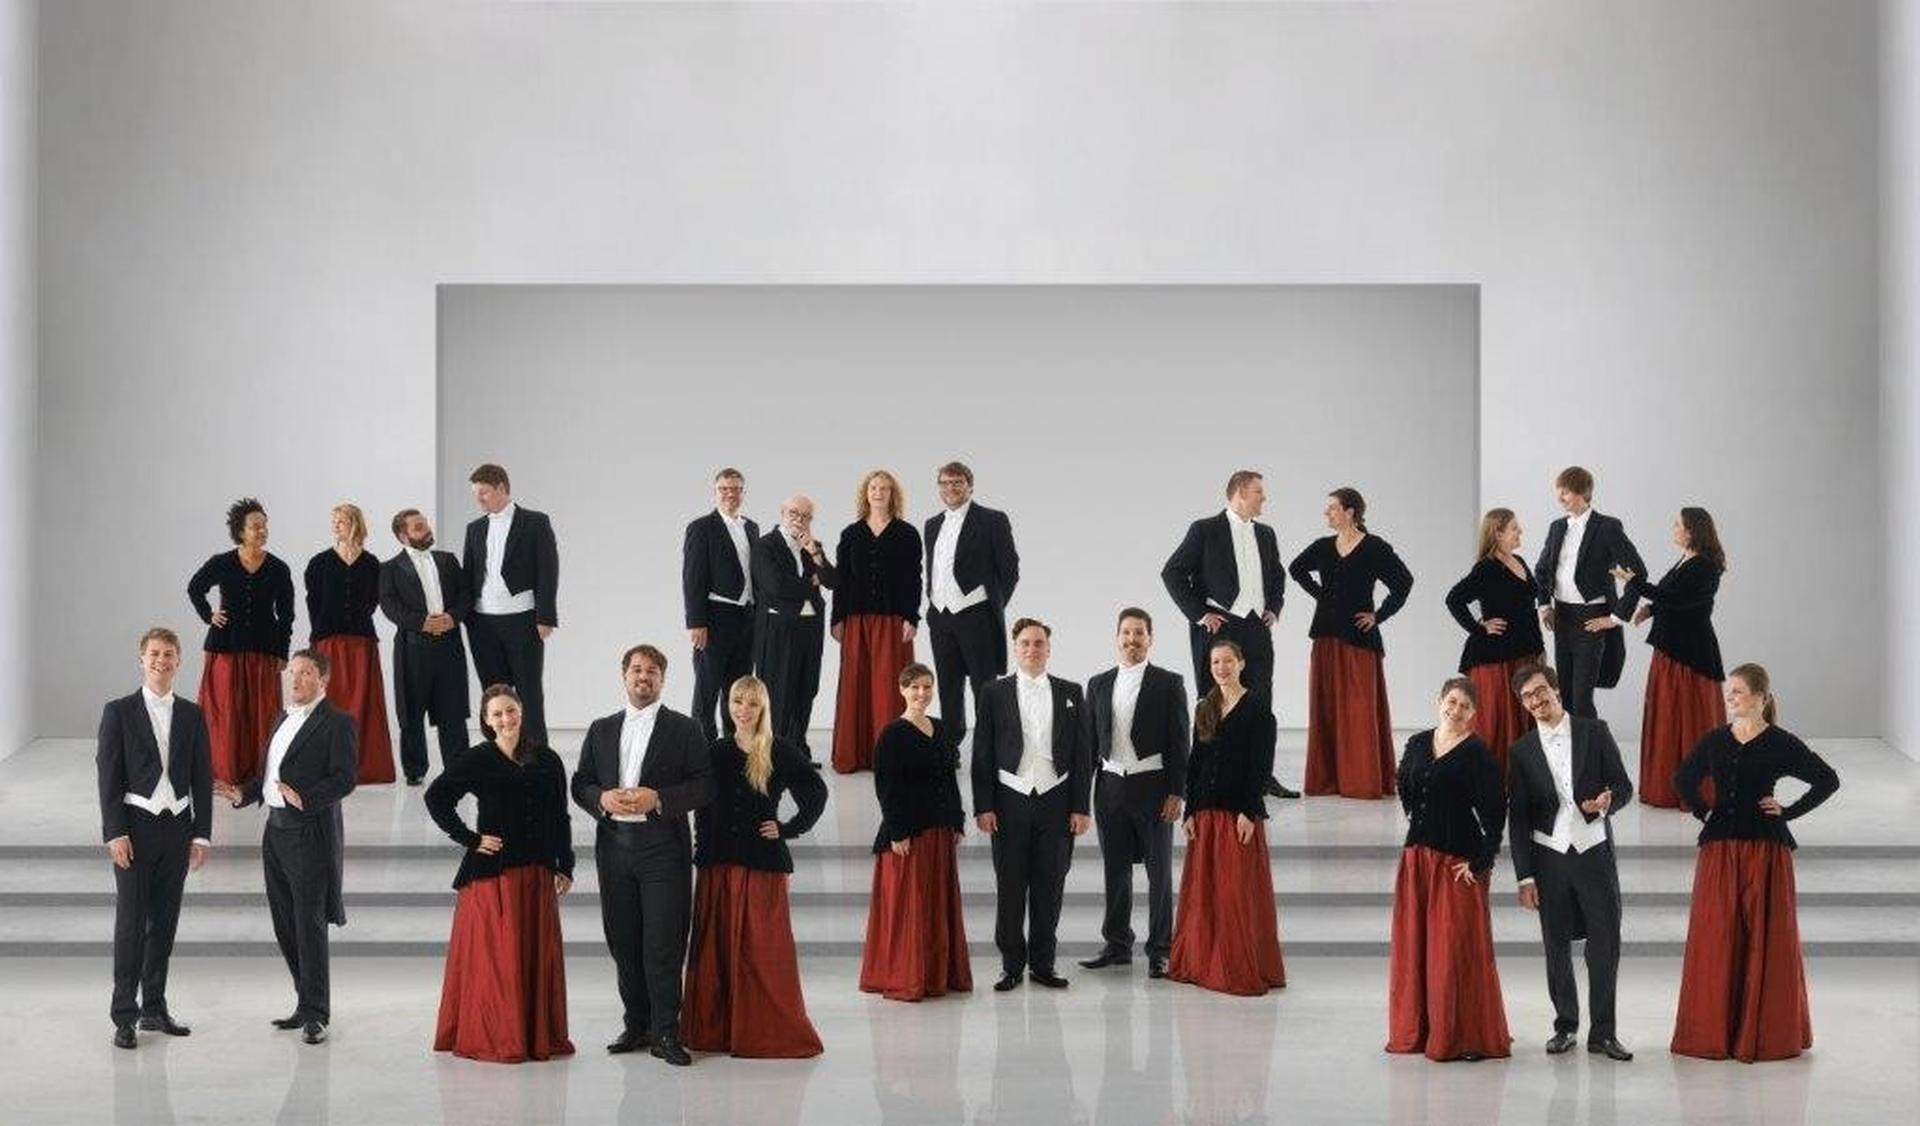 מקהלת הסולנים הקאמרית משטוטגרט. צילום: Jens Meister